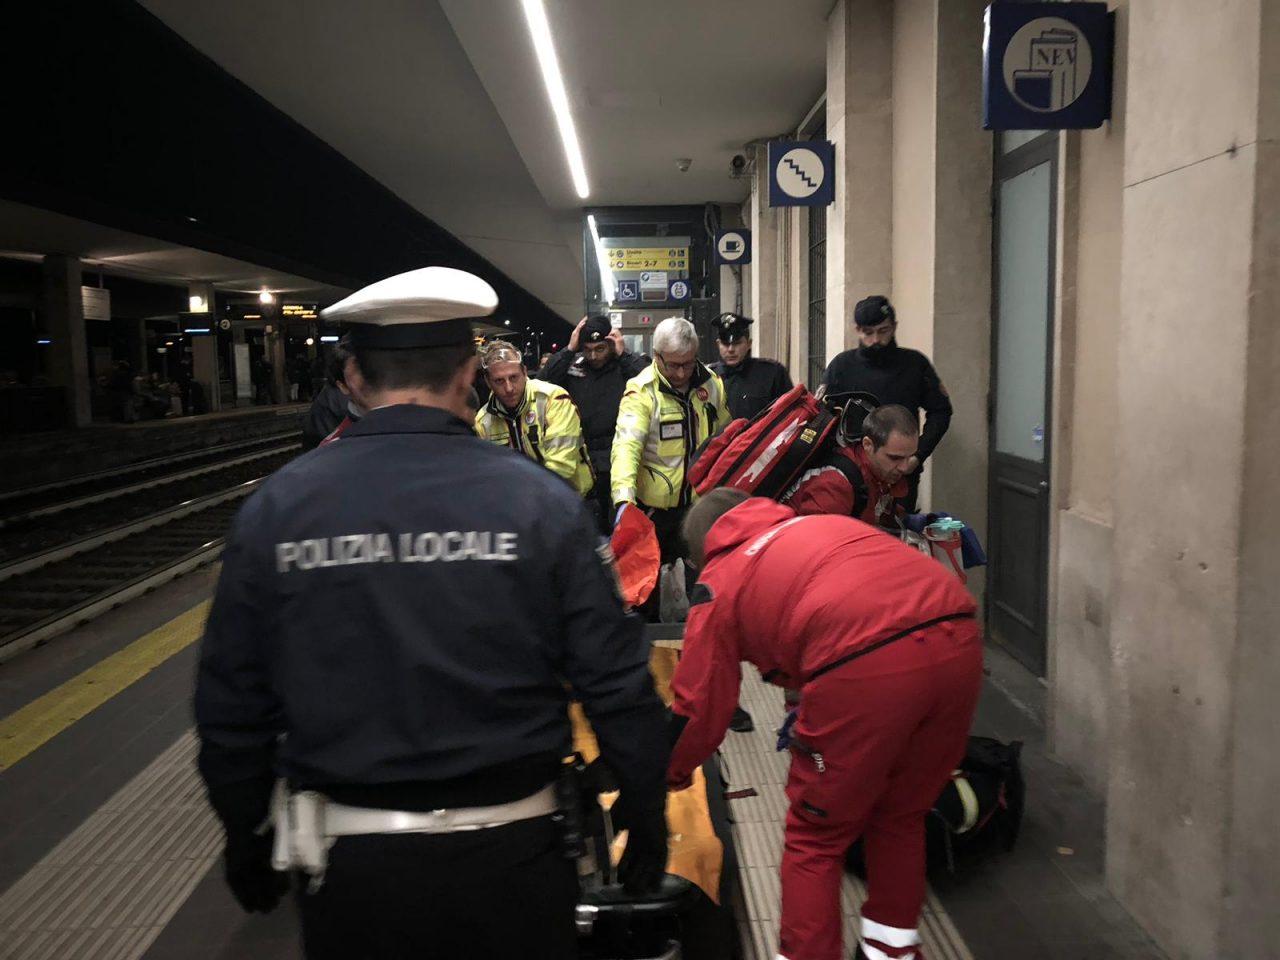 Parapiglia in stazione a Monza, donna si spoglia nuda